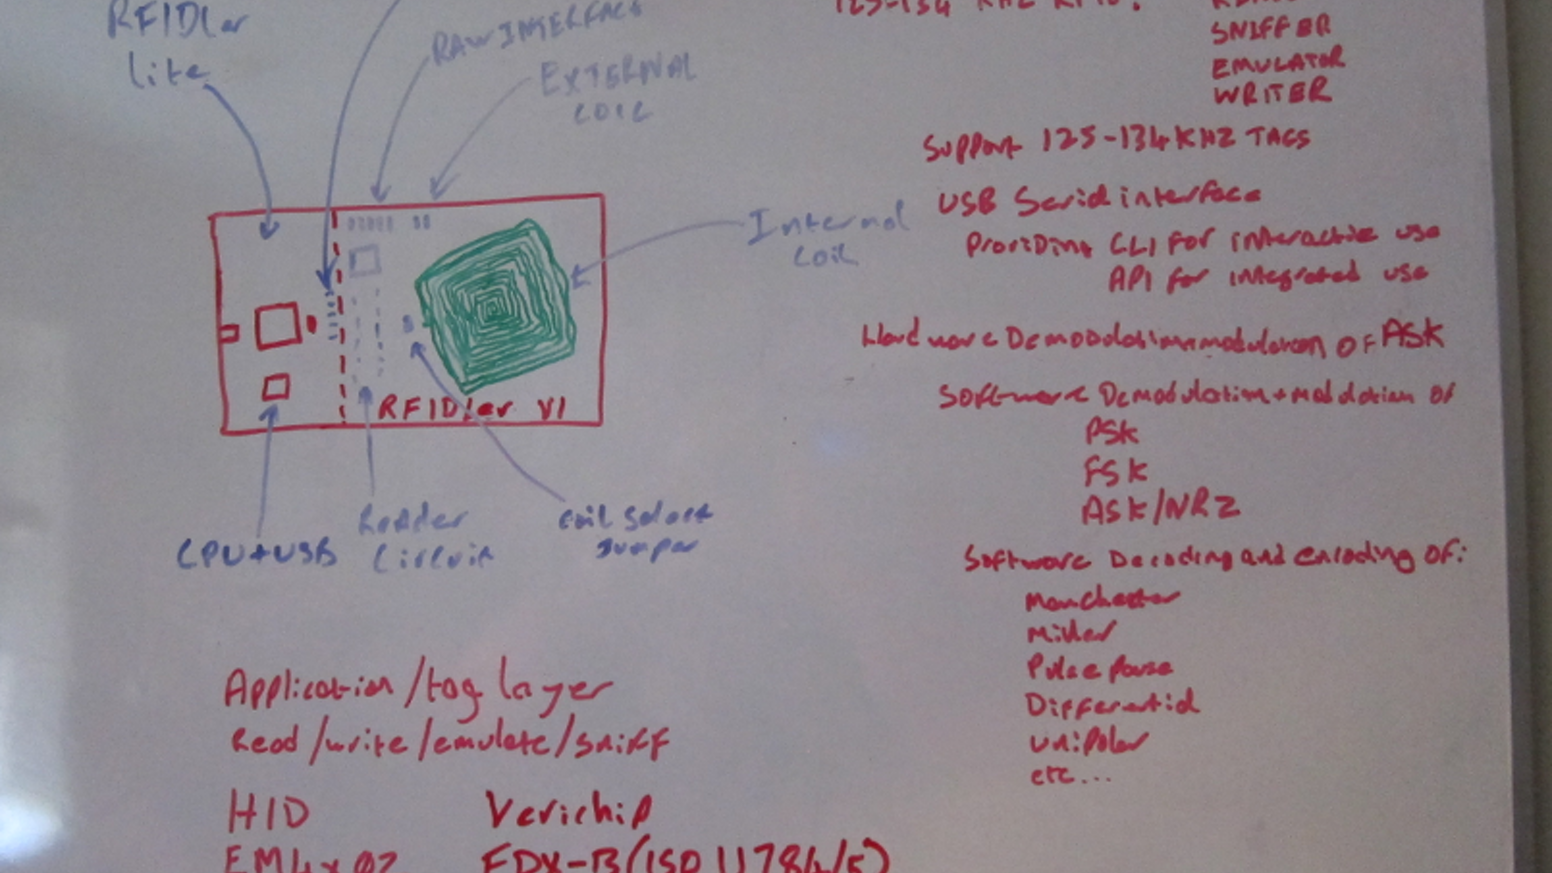 RFIDler - A Software Defined RFID Reader/Writer/Emulator by